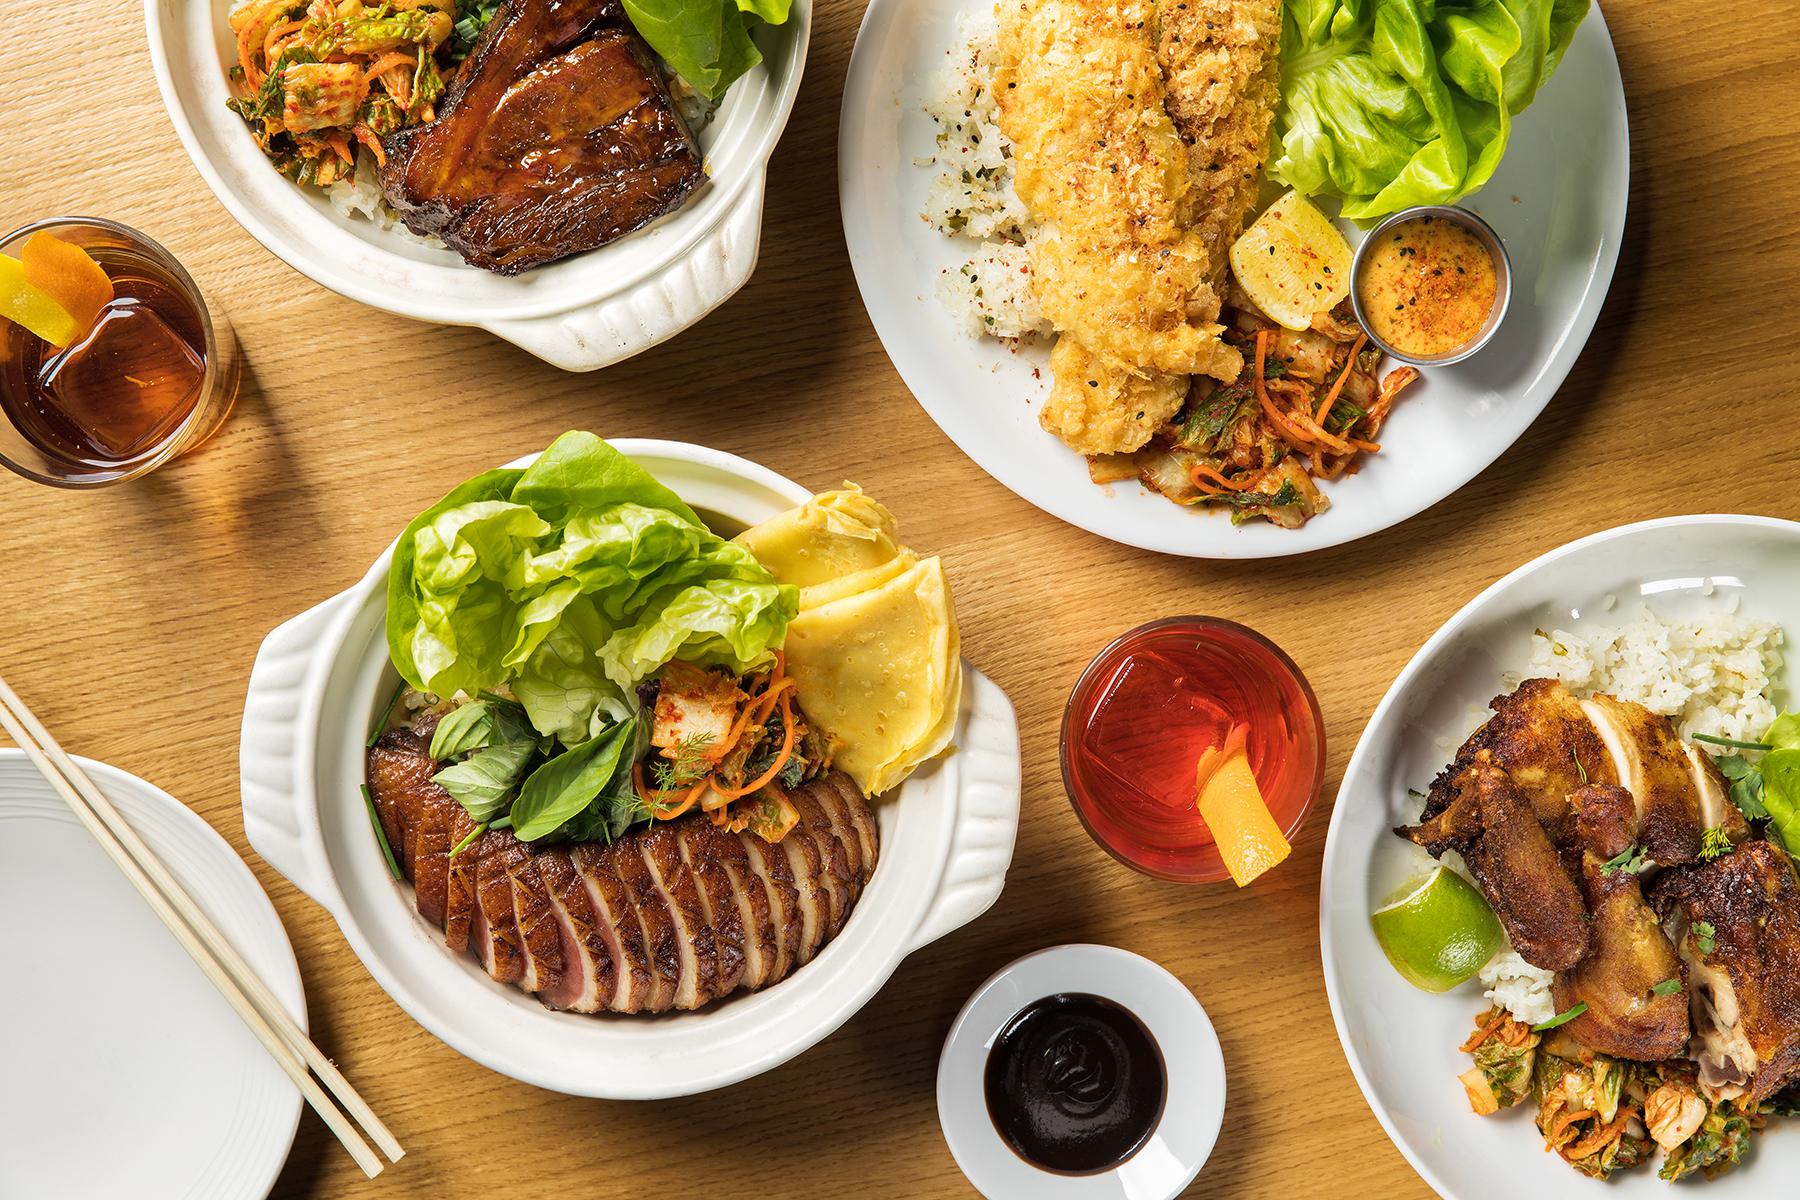 Lunch plates at Momofuku